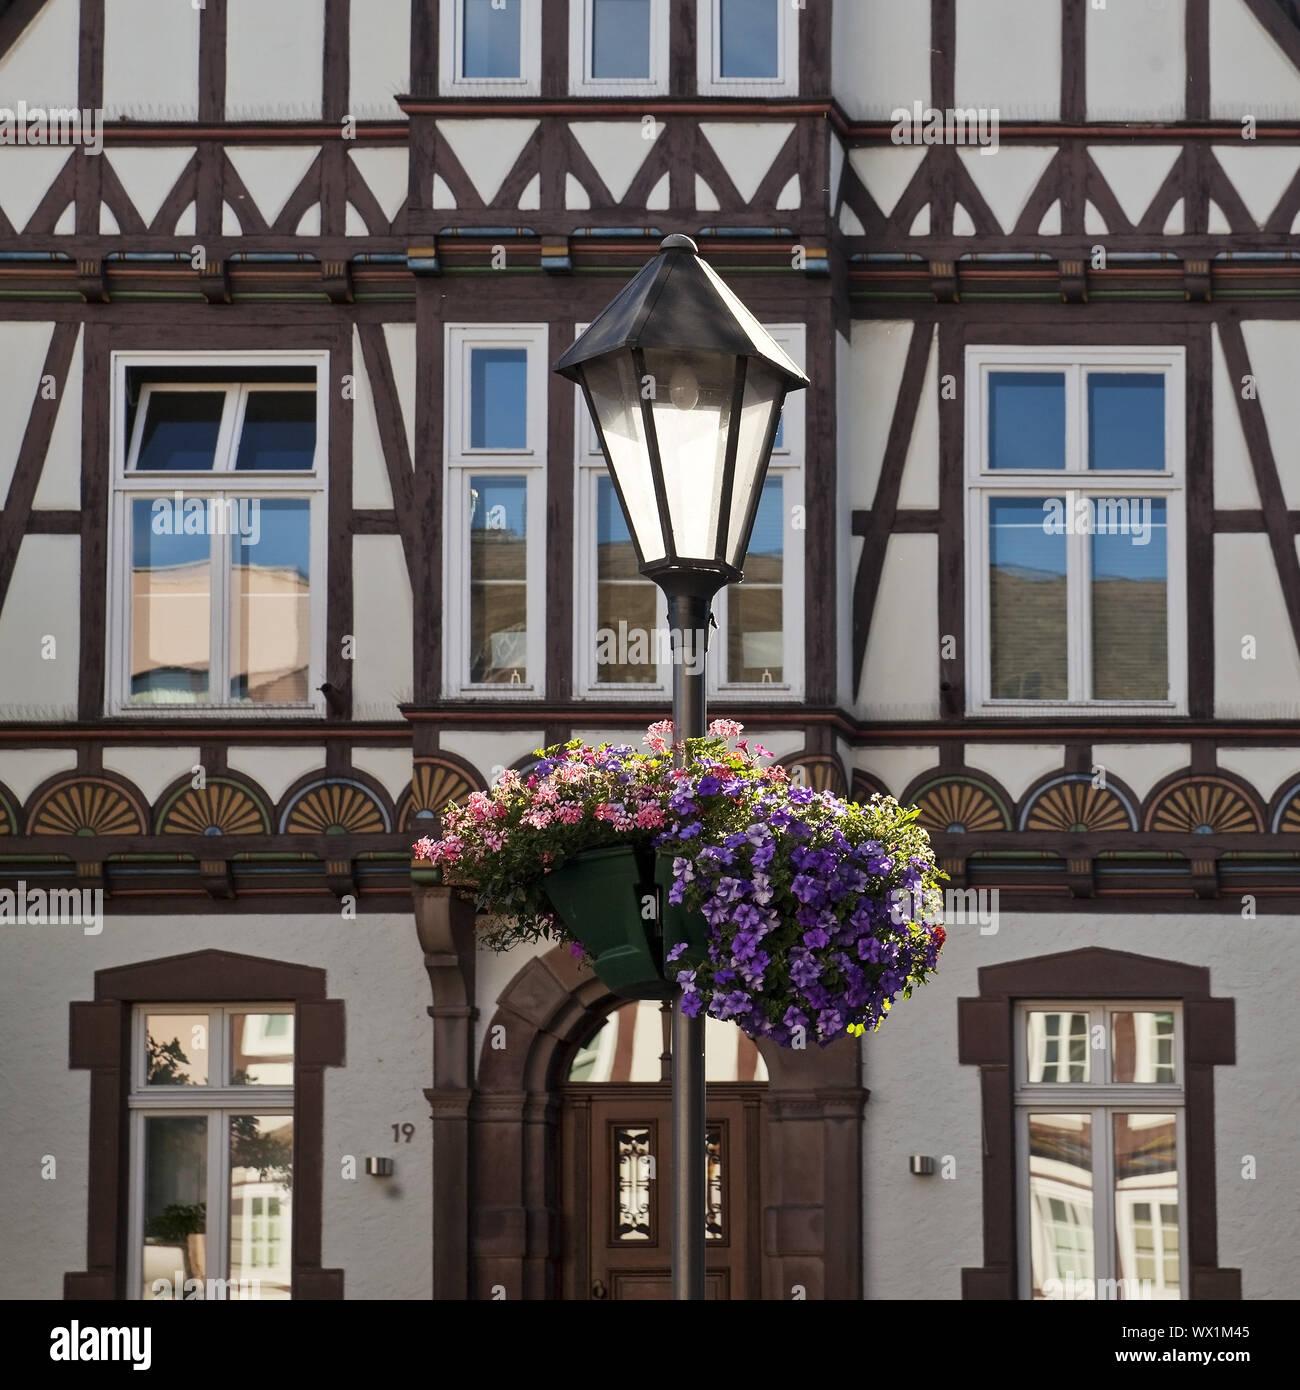 Maison à colombages historique, Vieille Ville, Hoexter, Weserbergland, à l'Est de la Westphalie, Allemagne, Europe Banque D'Images